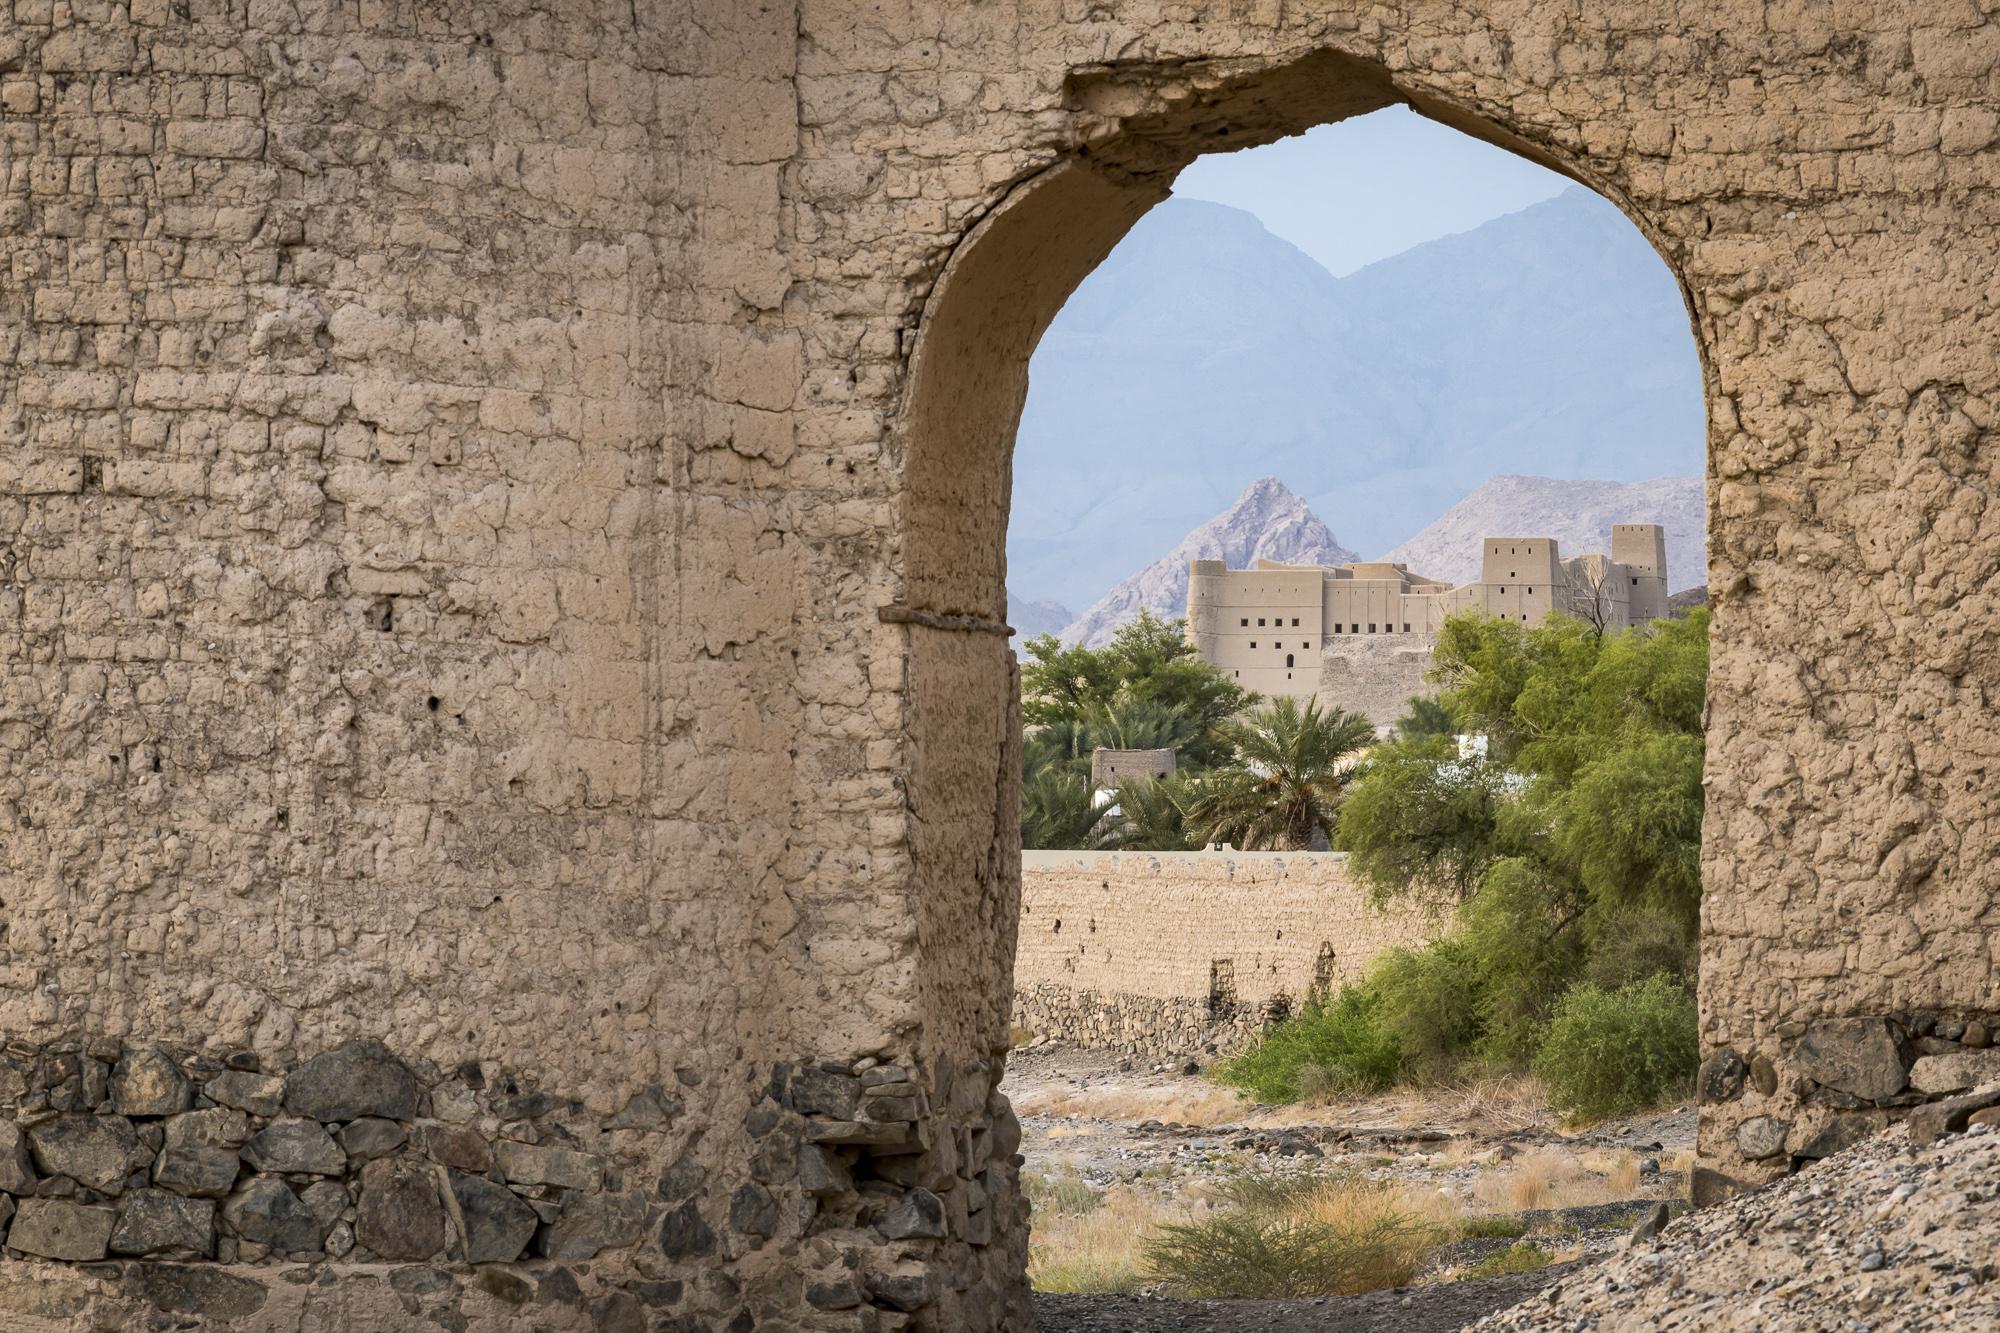 Bahla Fort - Oman  PHOTOGRAPHY: ALEXANDER J.E. BRADLEY • NIKON D500 • AF-S NIKKOR 24-70mm ƒ/2.8G ED @ 125MM • ƒ/16 • 1/6 • ISO 100